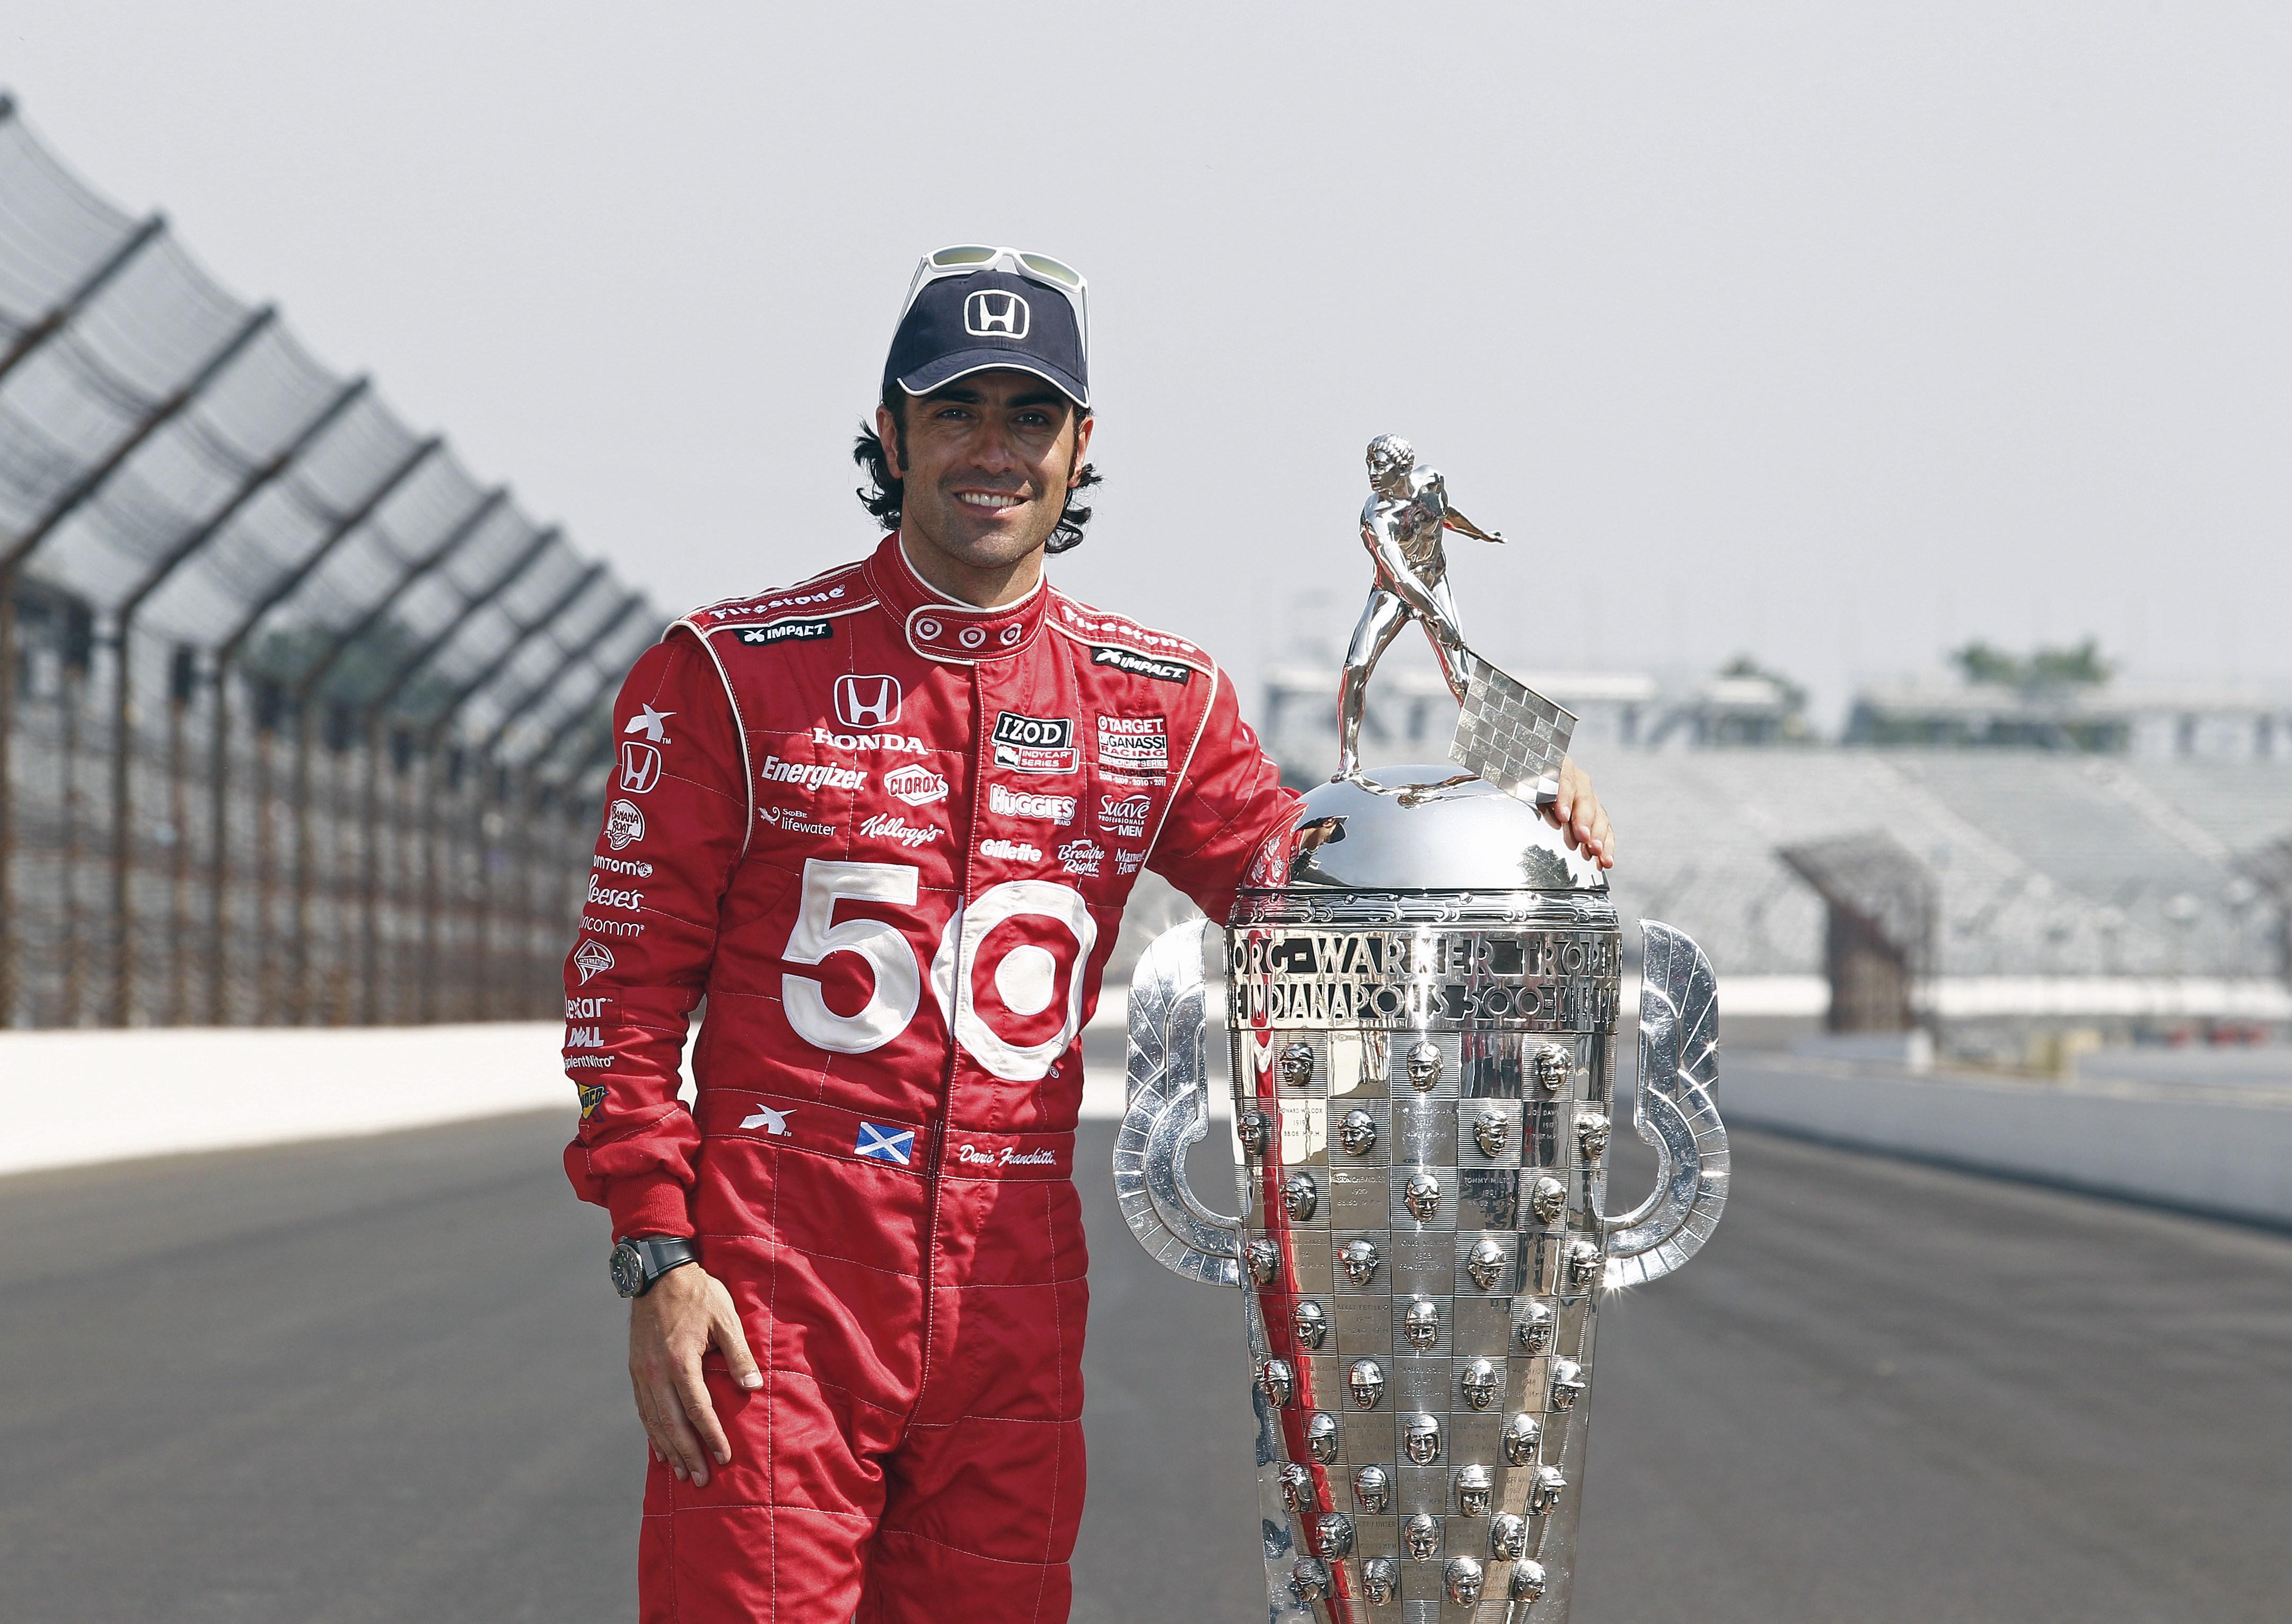 Dario etter å ha vunnet Indy 500 for tredje gang i 2012. Foto: Indianapolis Motor Speedway